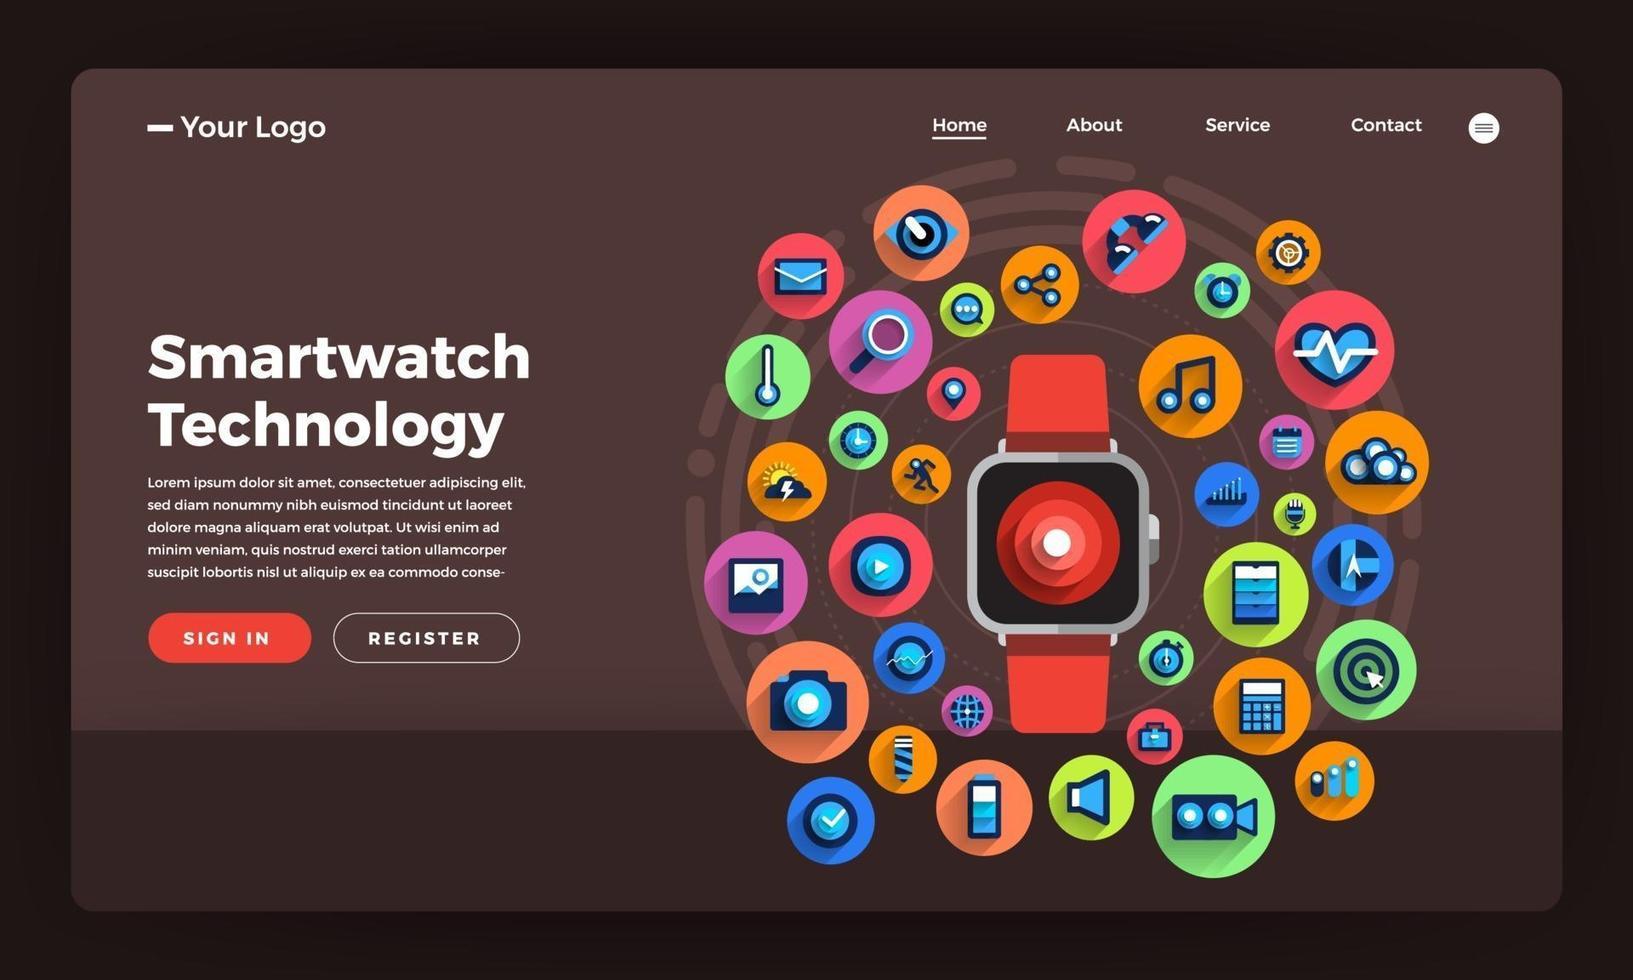 mock-up design webbplats platt designkoncept smartwatch bärbar teknik. vektor illustration.